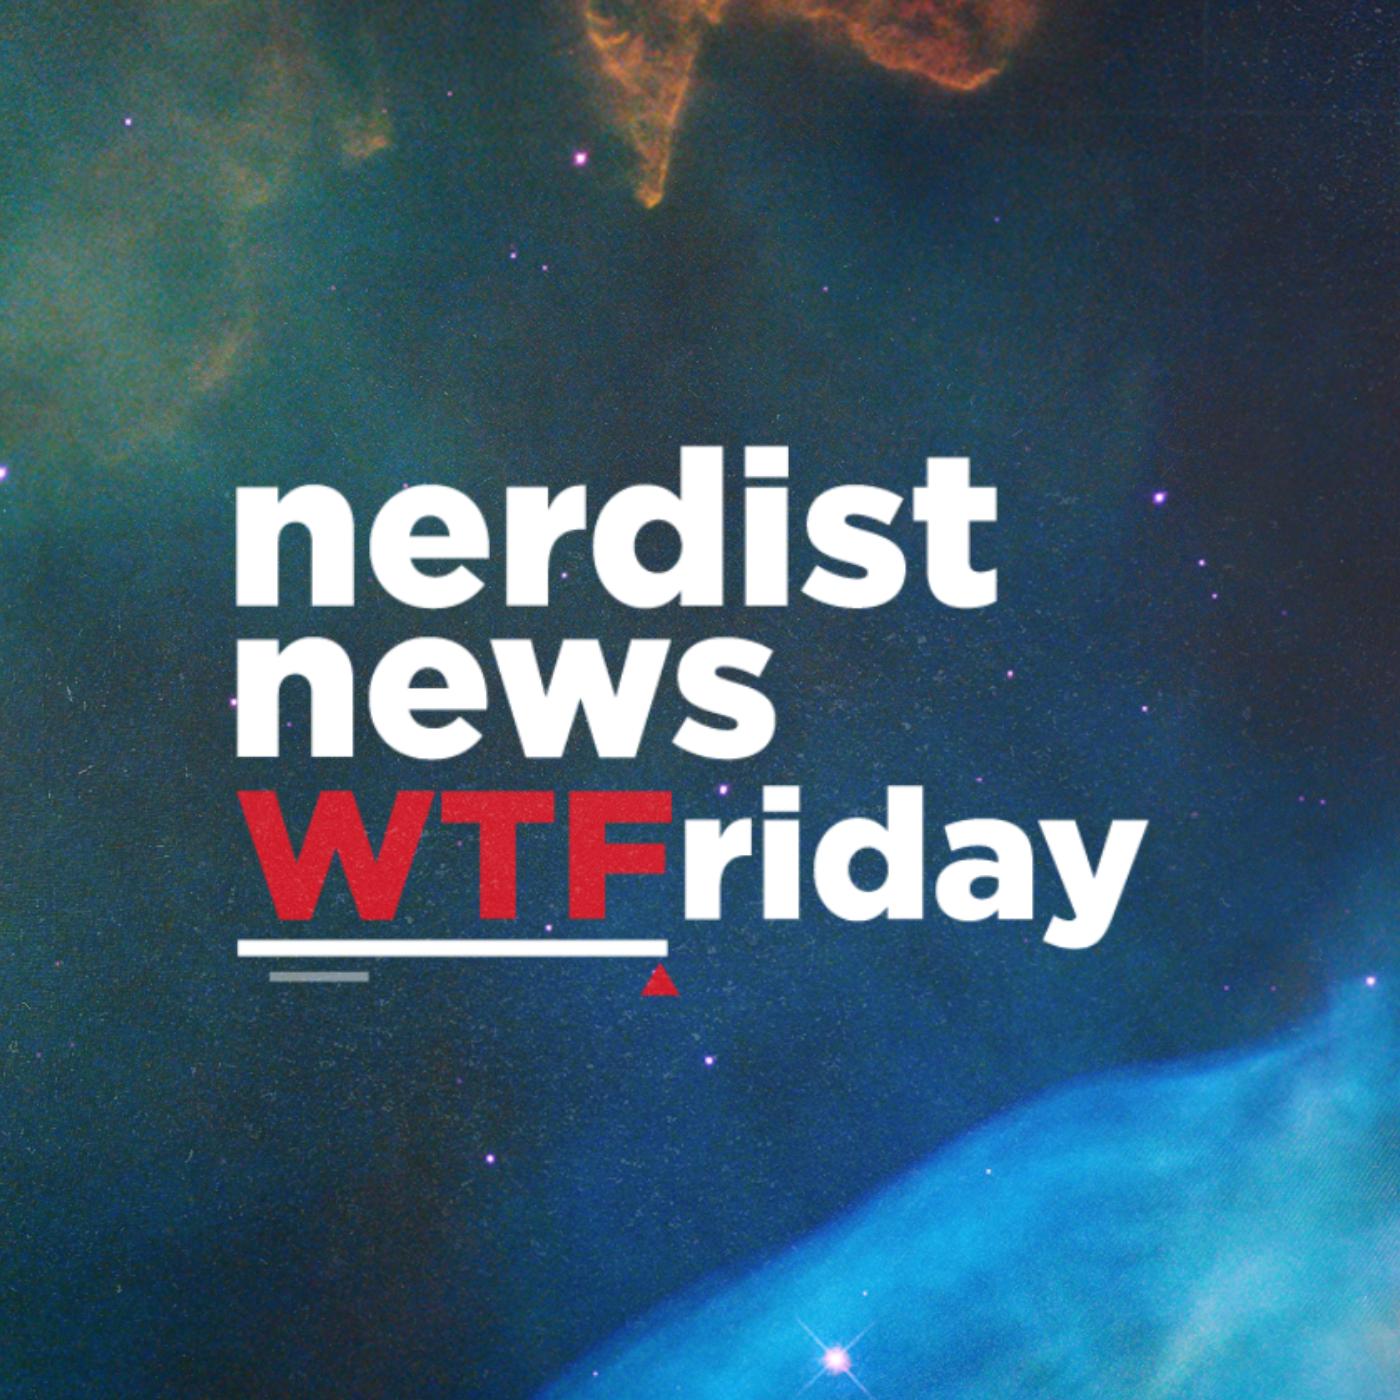 Nerdist News: WTFriday show art